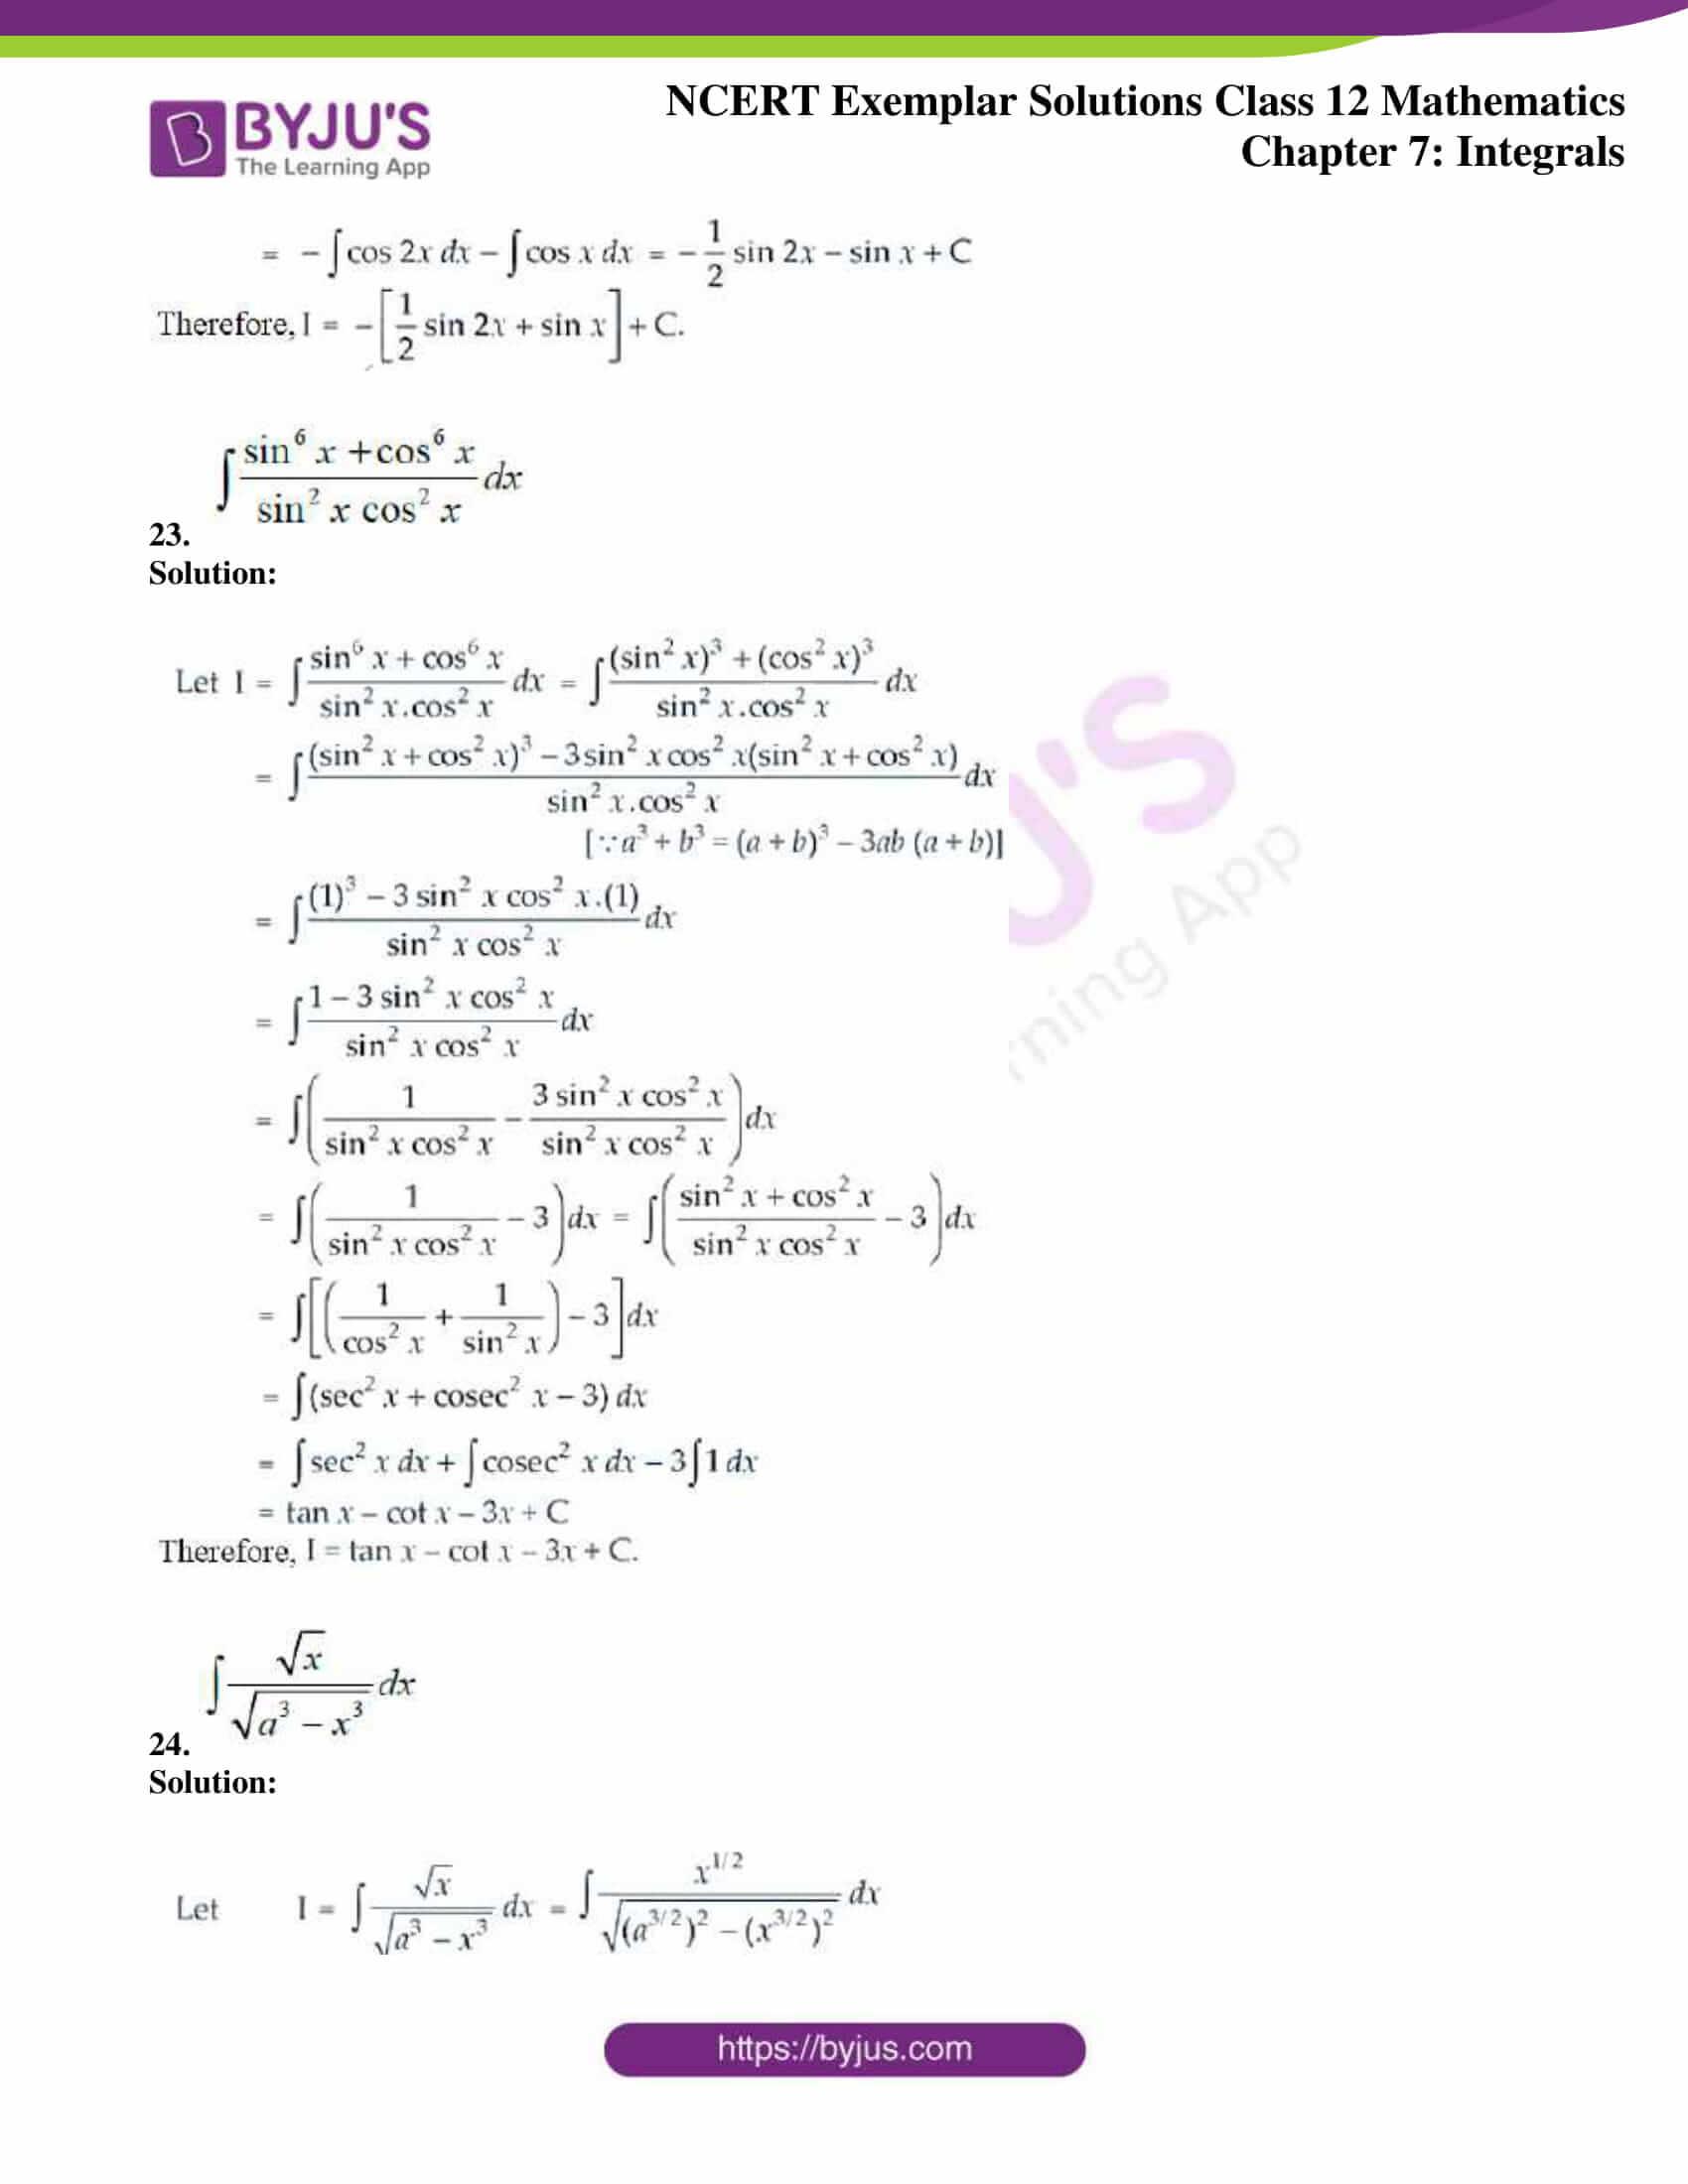 ncert exemplar sol class 12 mathematics ch 7 13